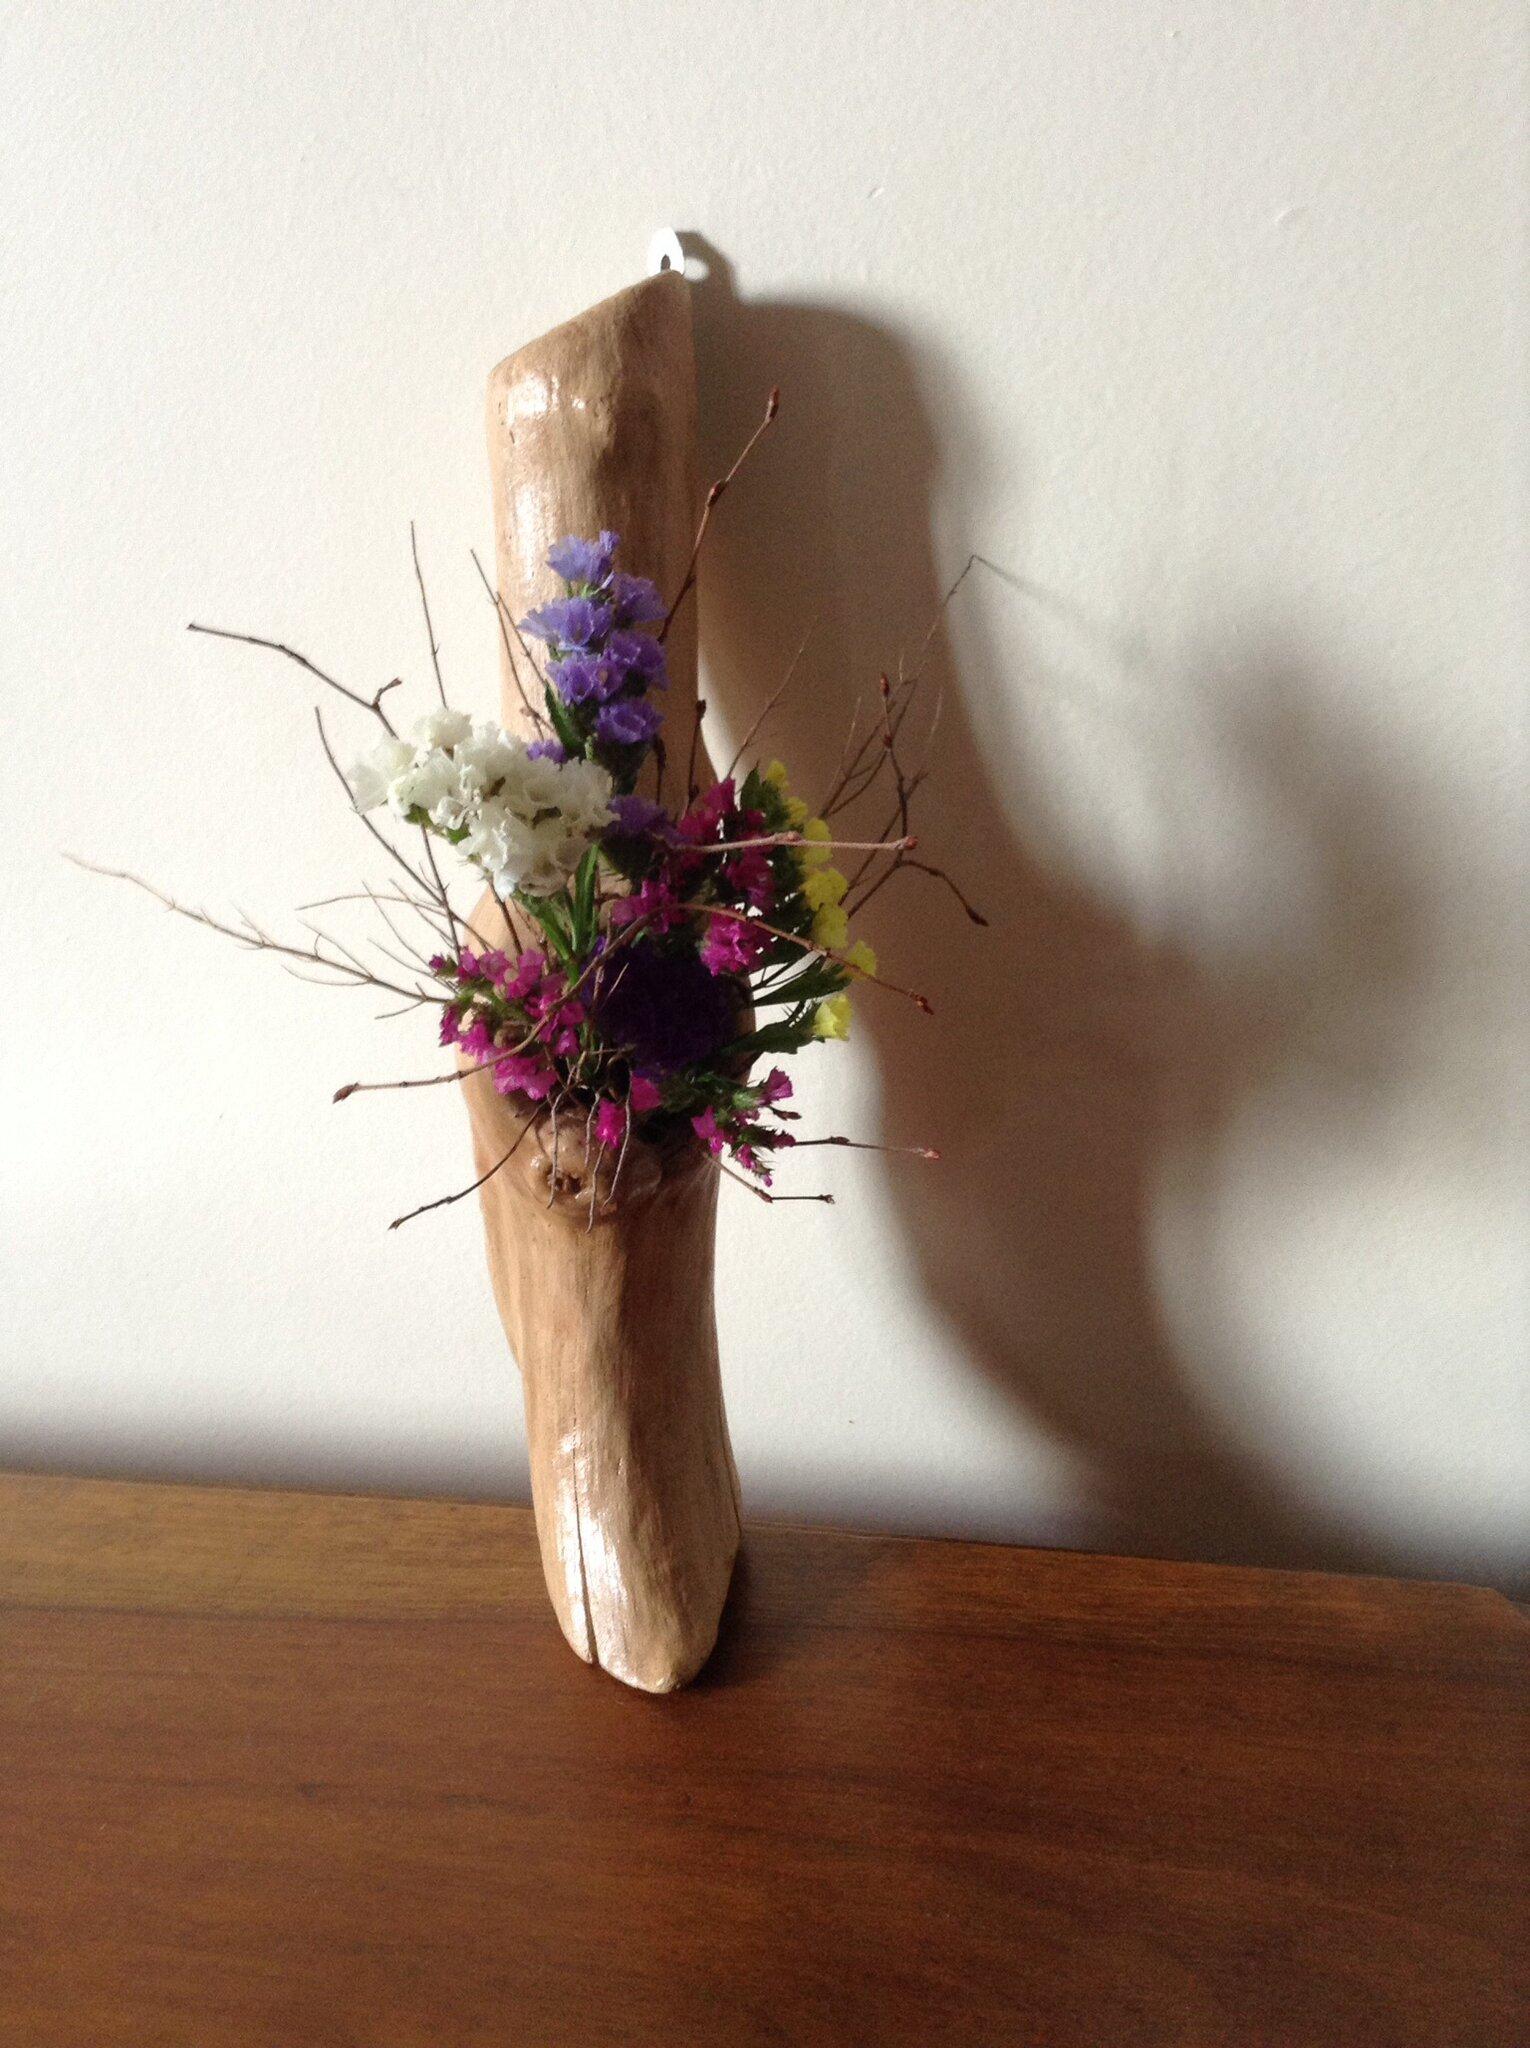 Petit bouquet boisdivers for Bouquet bois flotte